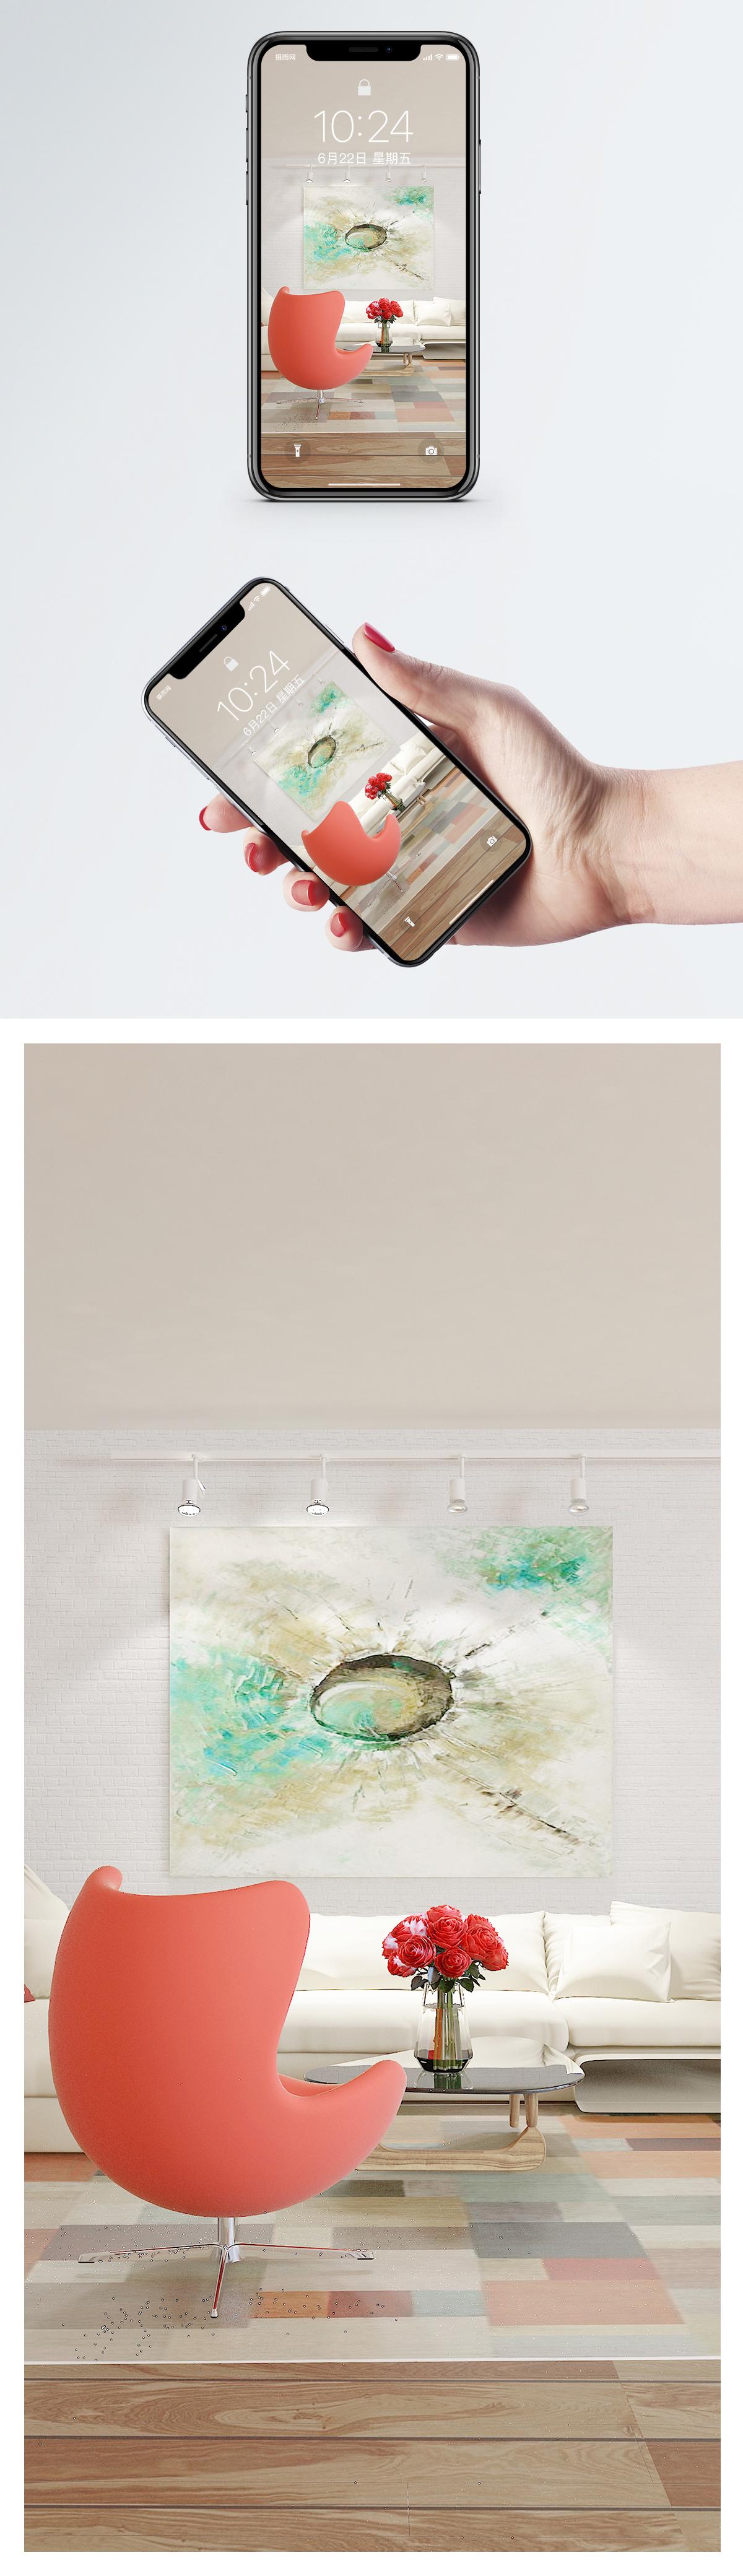 北欧のリビングルームのモバイル壁紙イメージ 背景 Id Prf画像フォーマットjpg Jp Lovepik Com